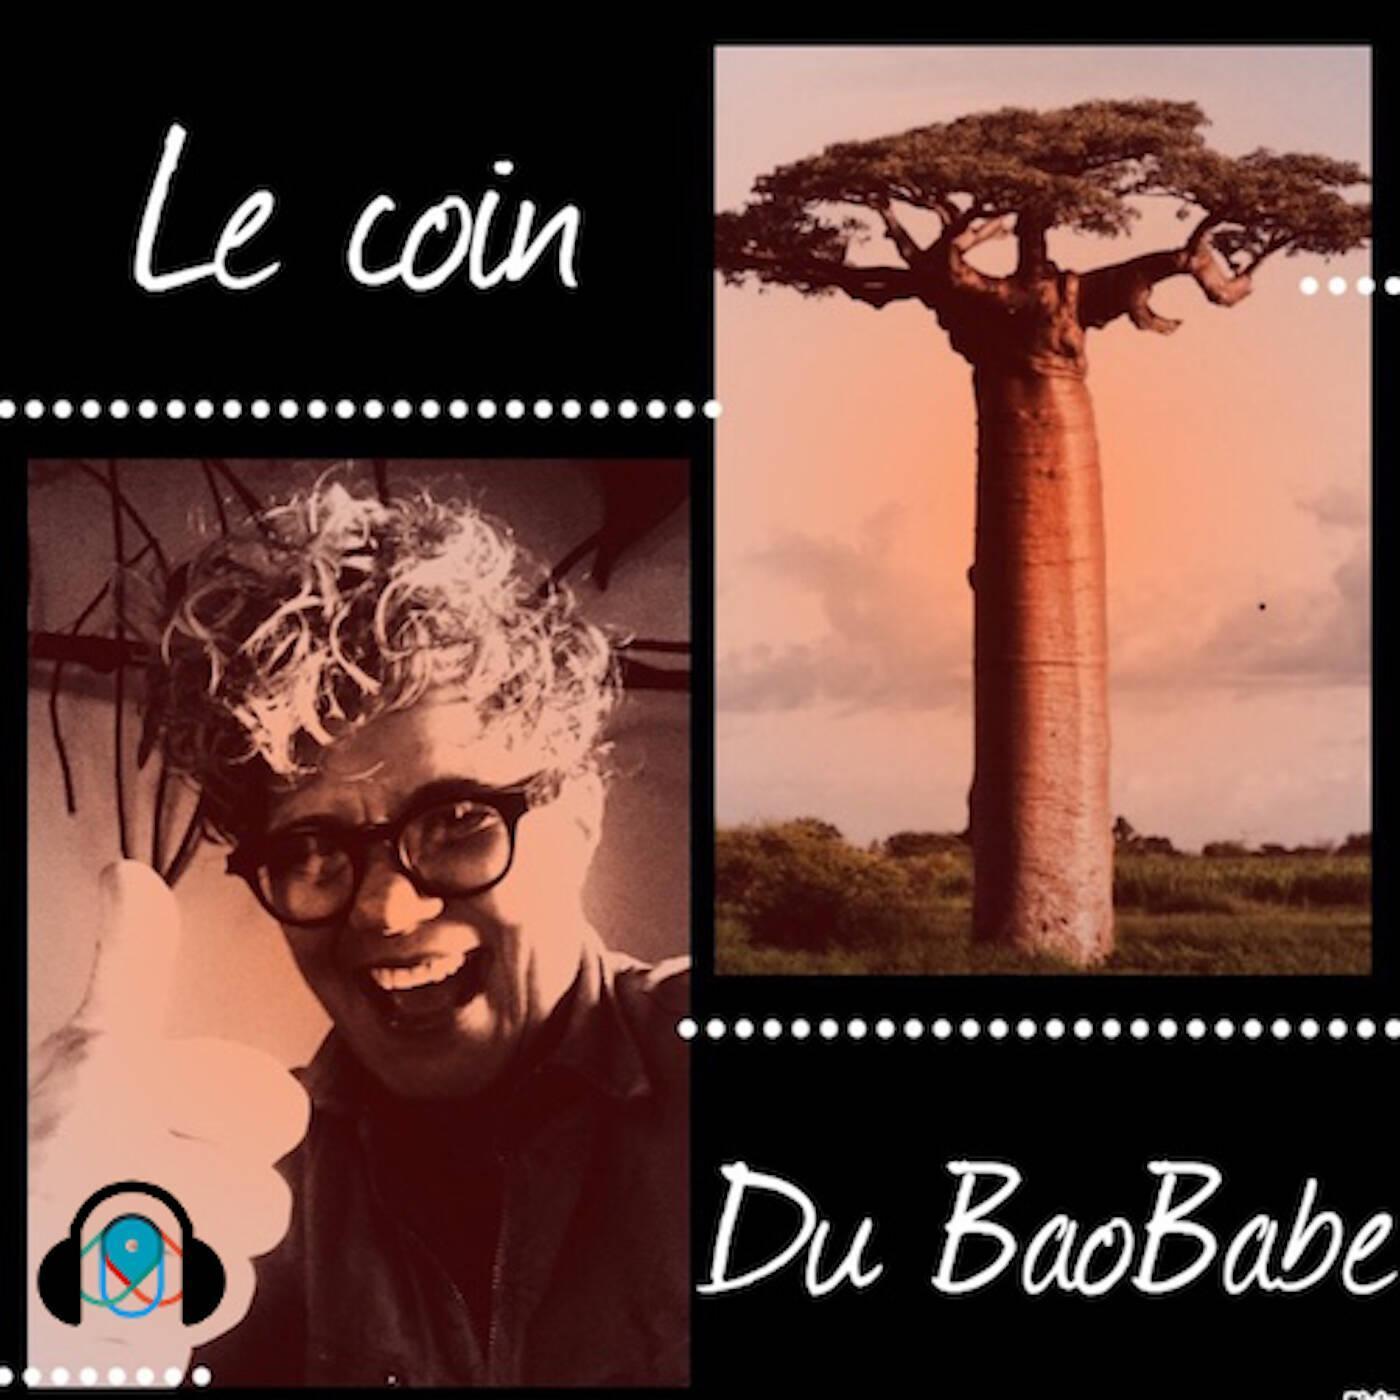 LE COIN DU BAOBABE S1E10 - Cover 2